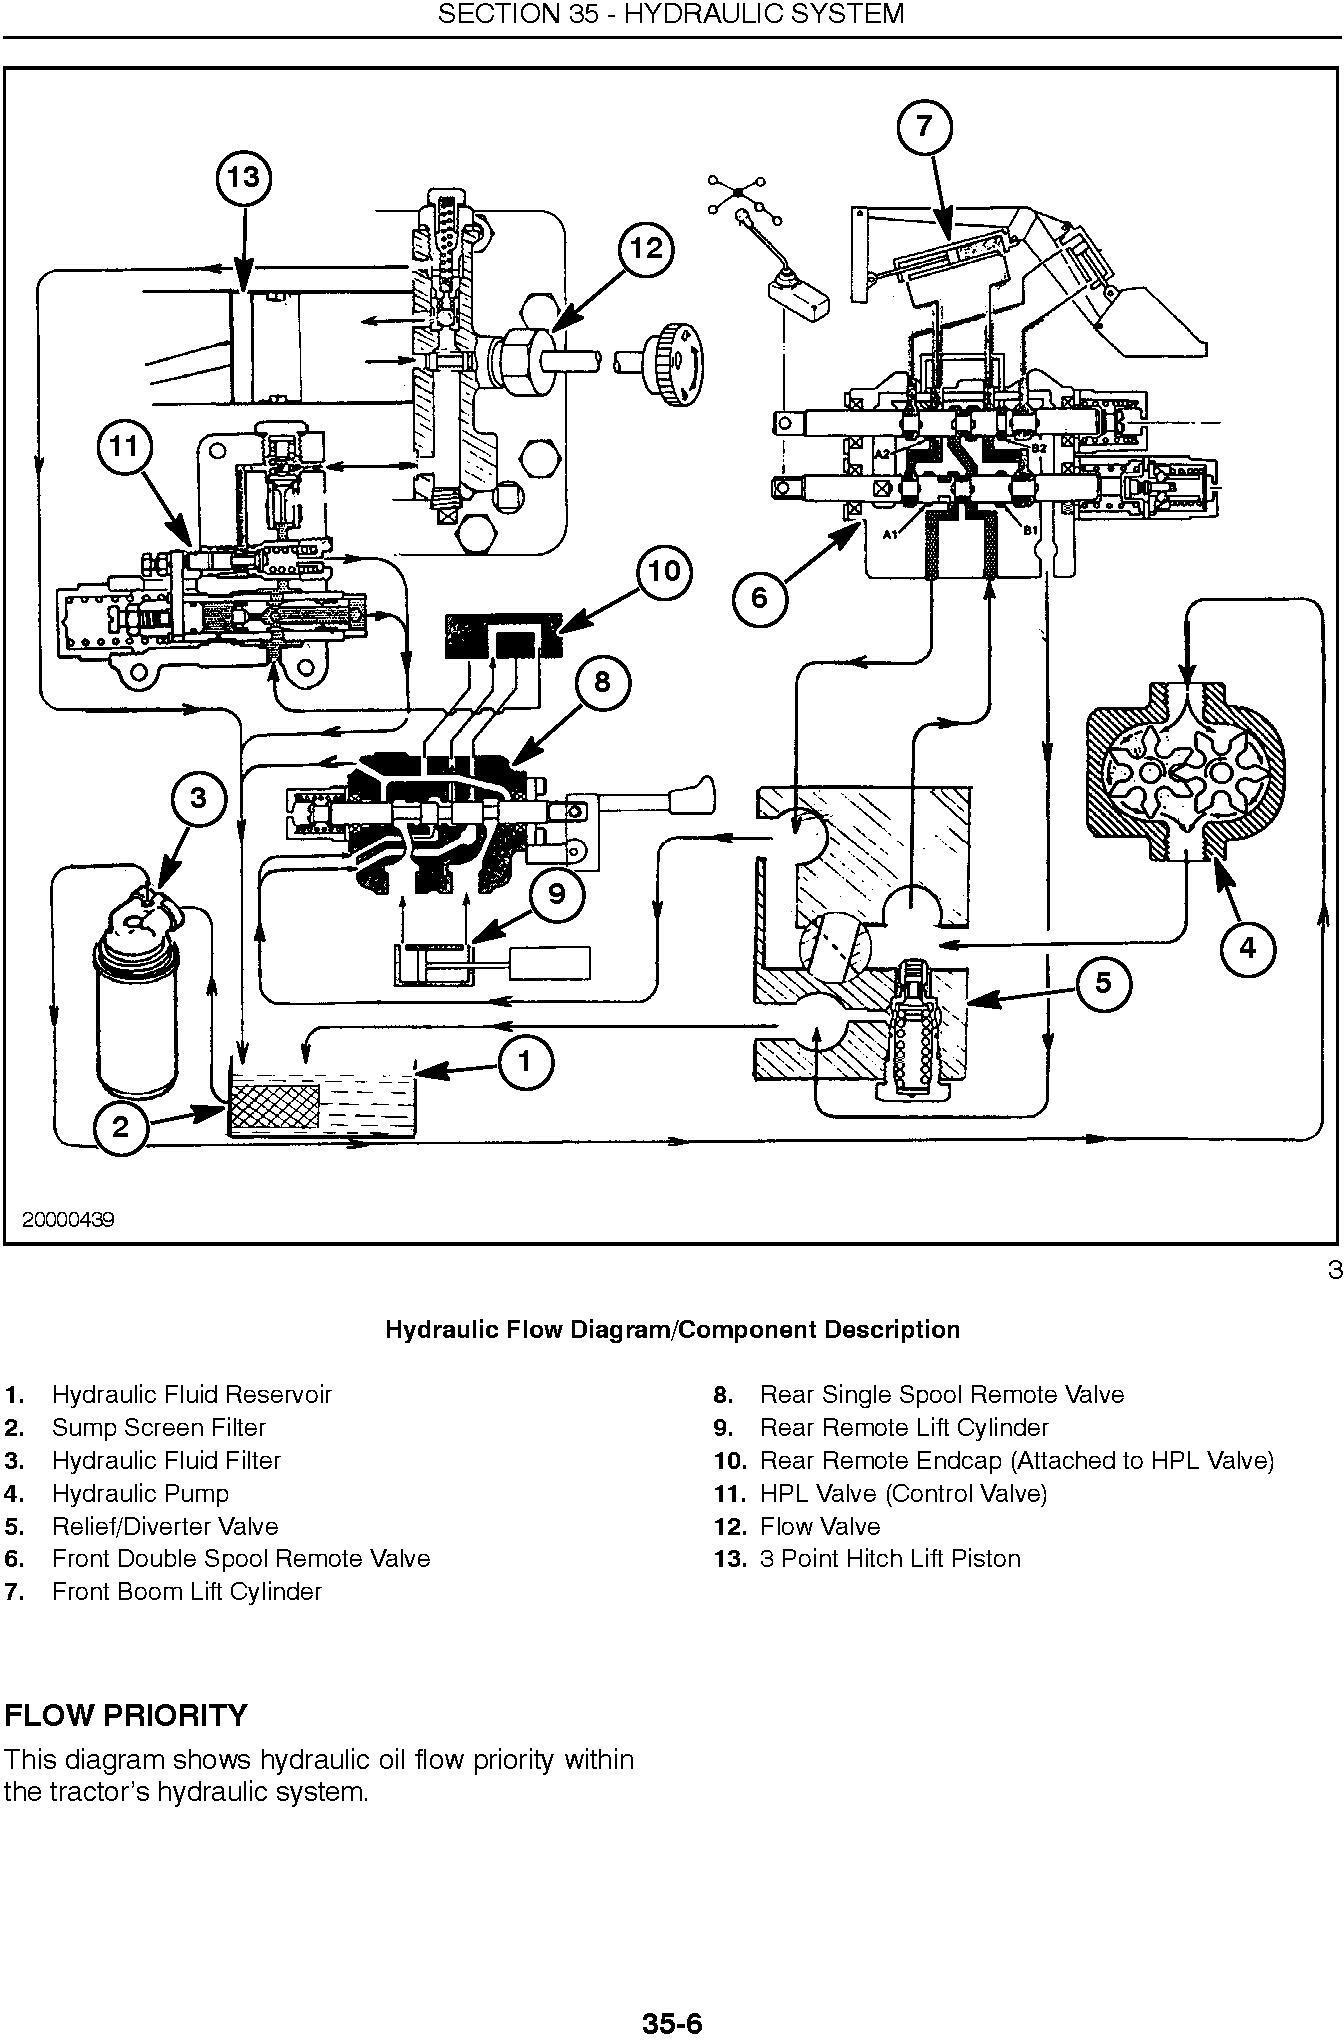 New Holland TC35, TC35D, TC40, TC40D, TC45, TC45D Tractor Complete Service Manual - 2